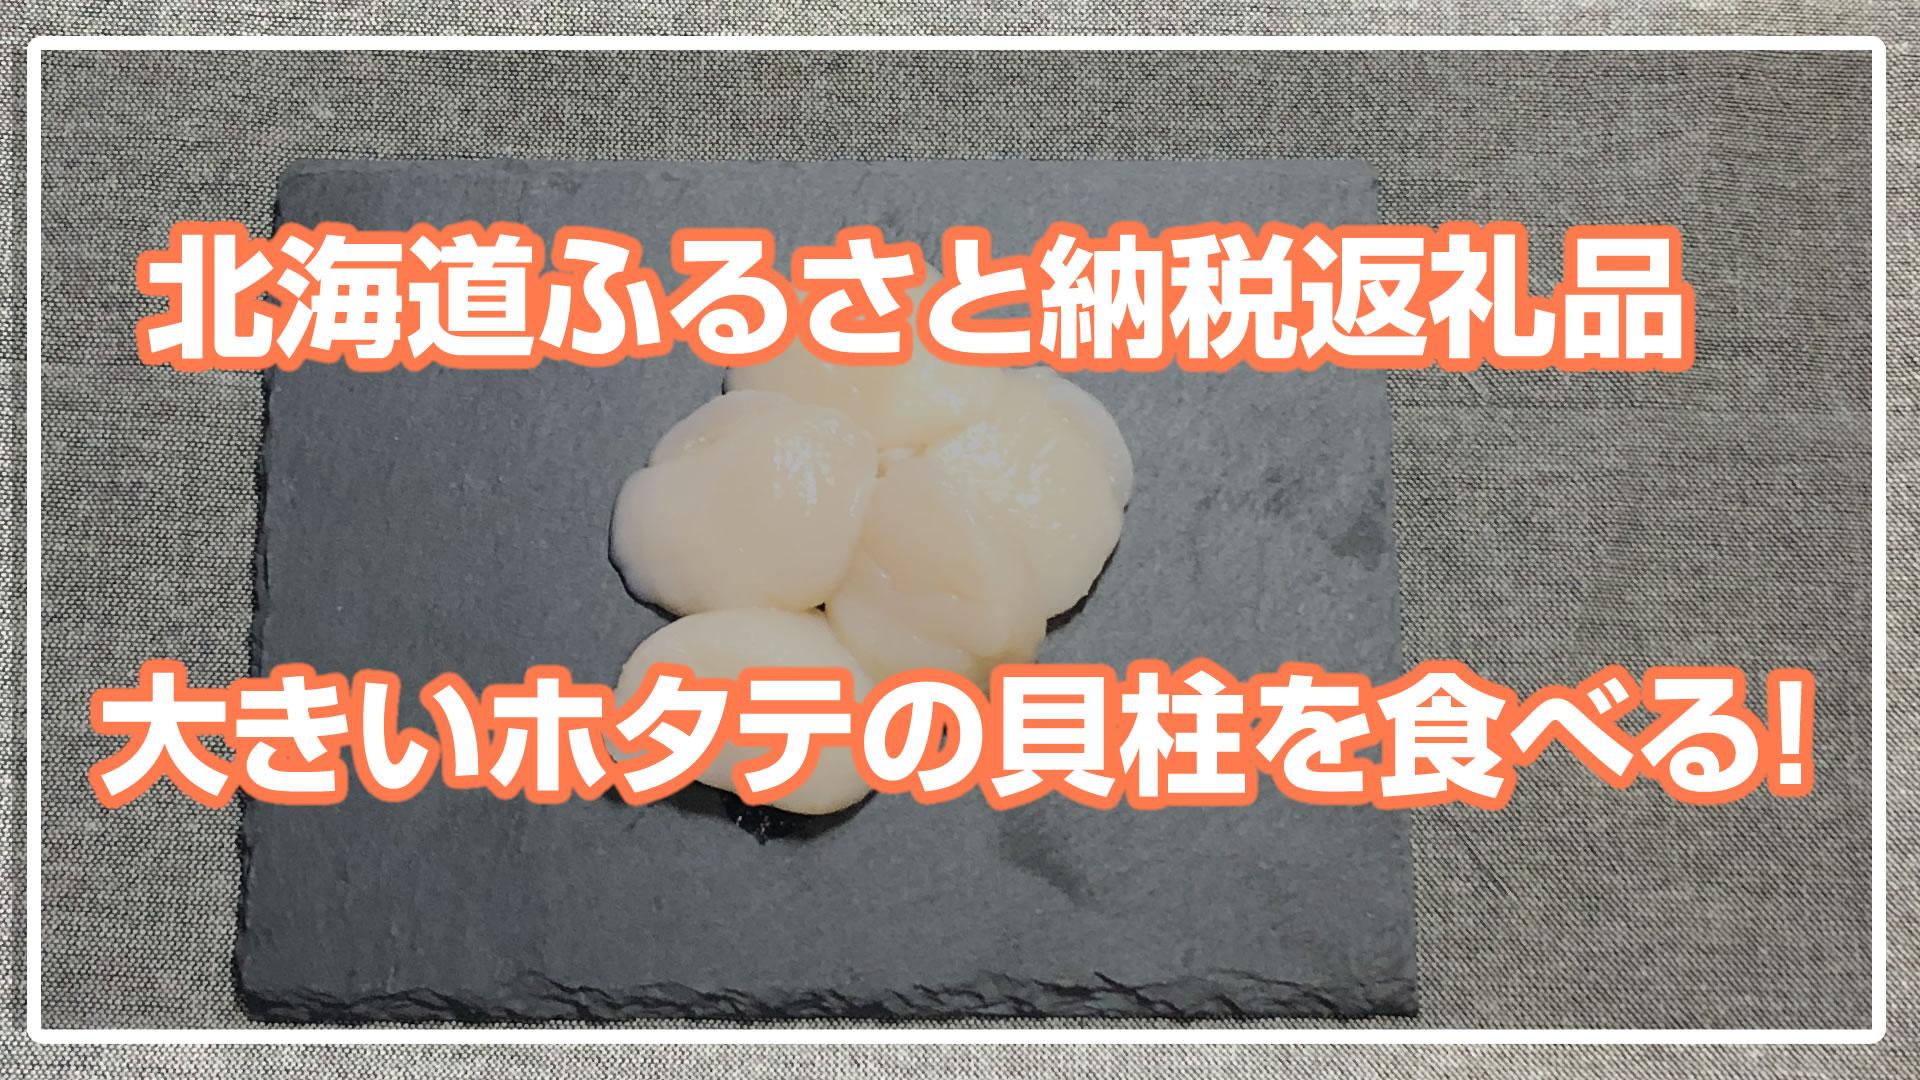 デカい!北海道ふるさと納税返礼品の帆立(jホタテ)貝柱♪